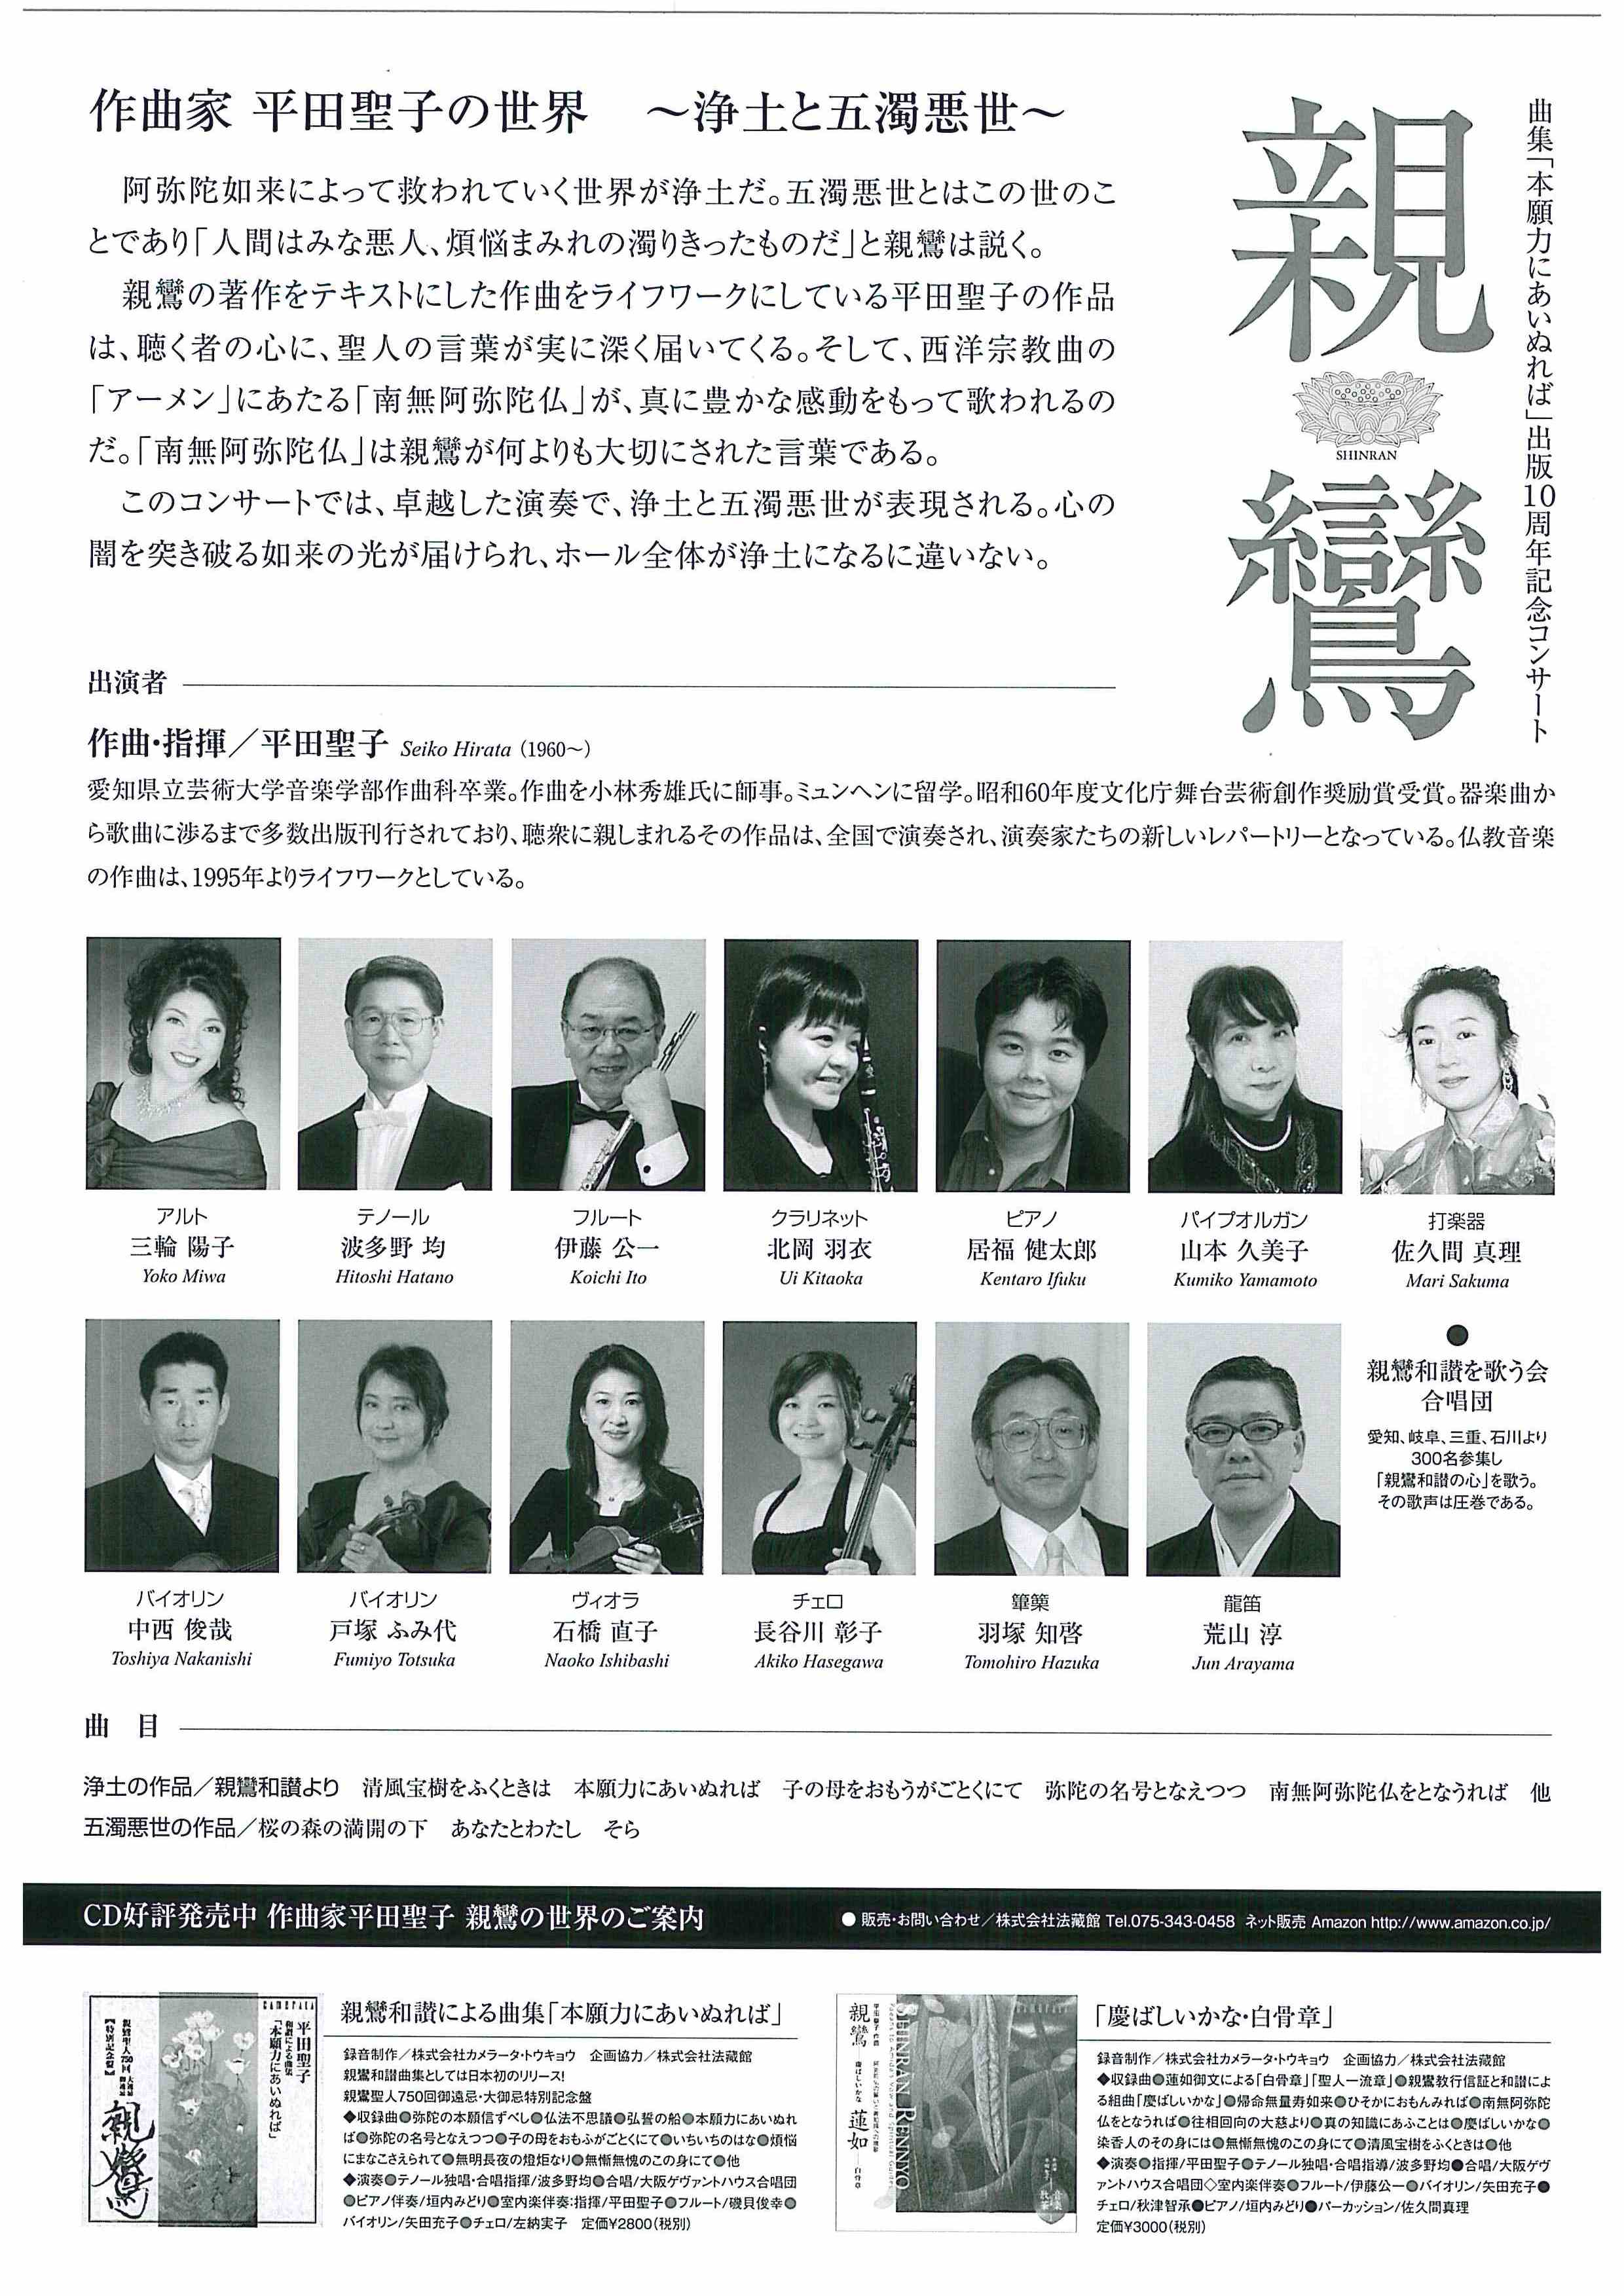 平田聖子先生演奏会チラシP2